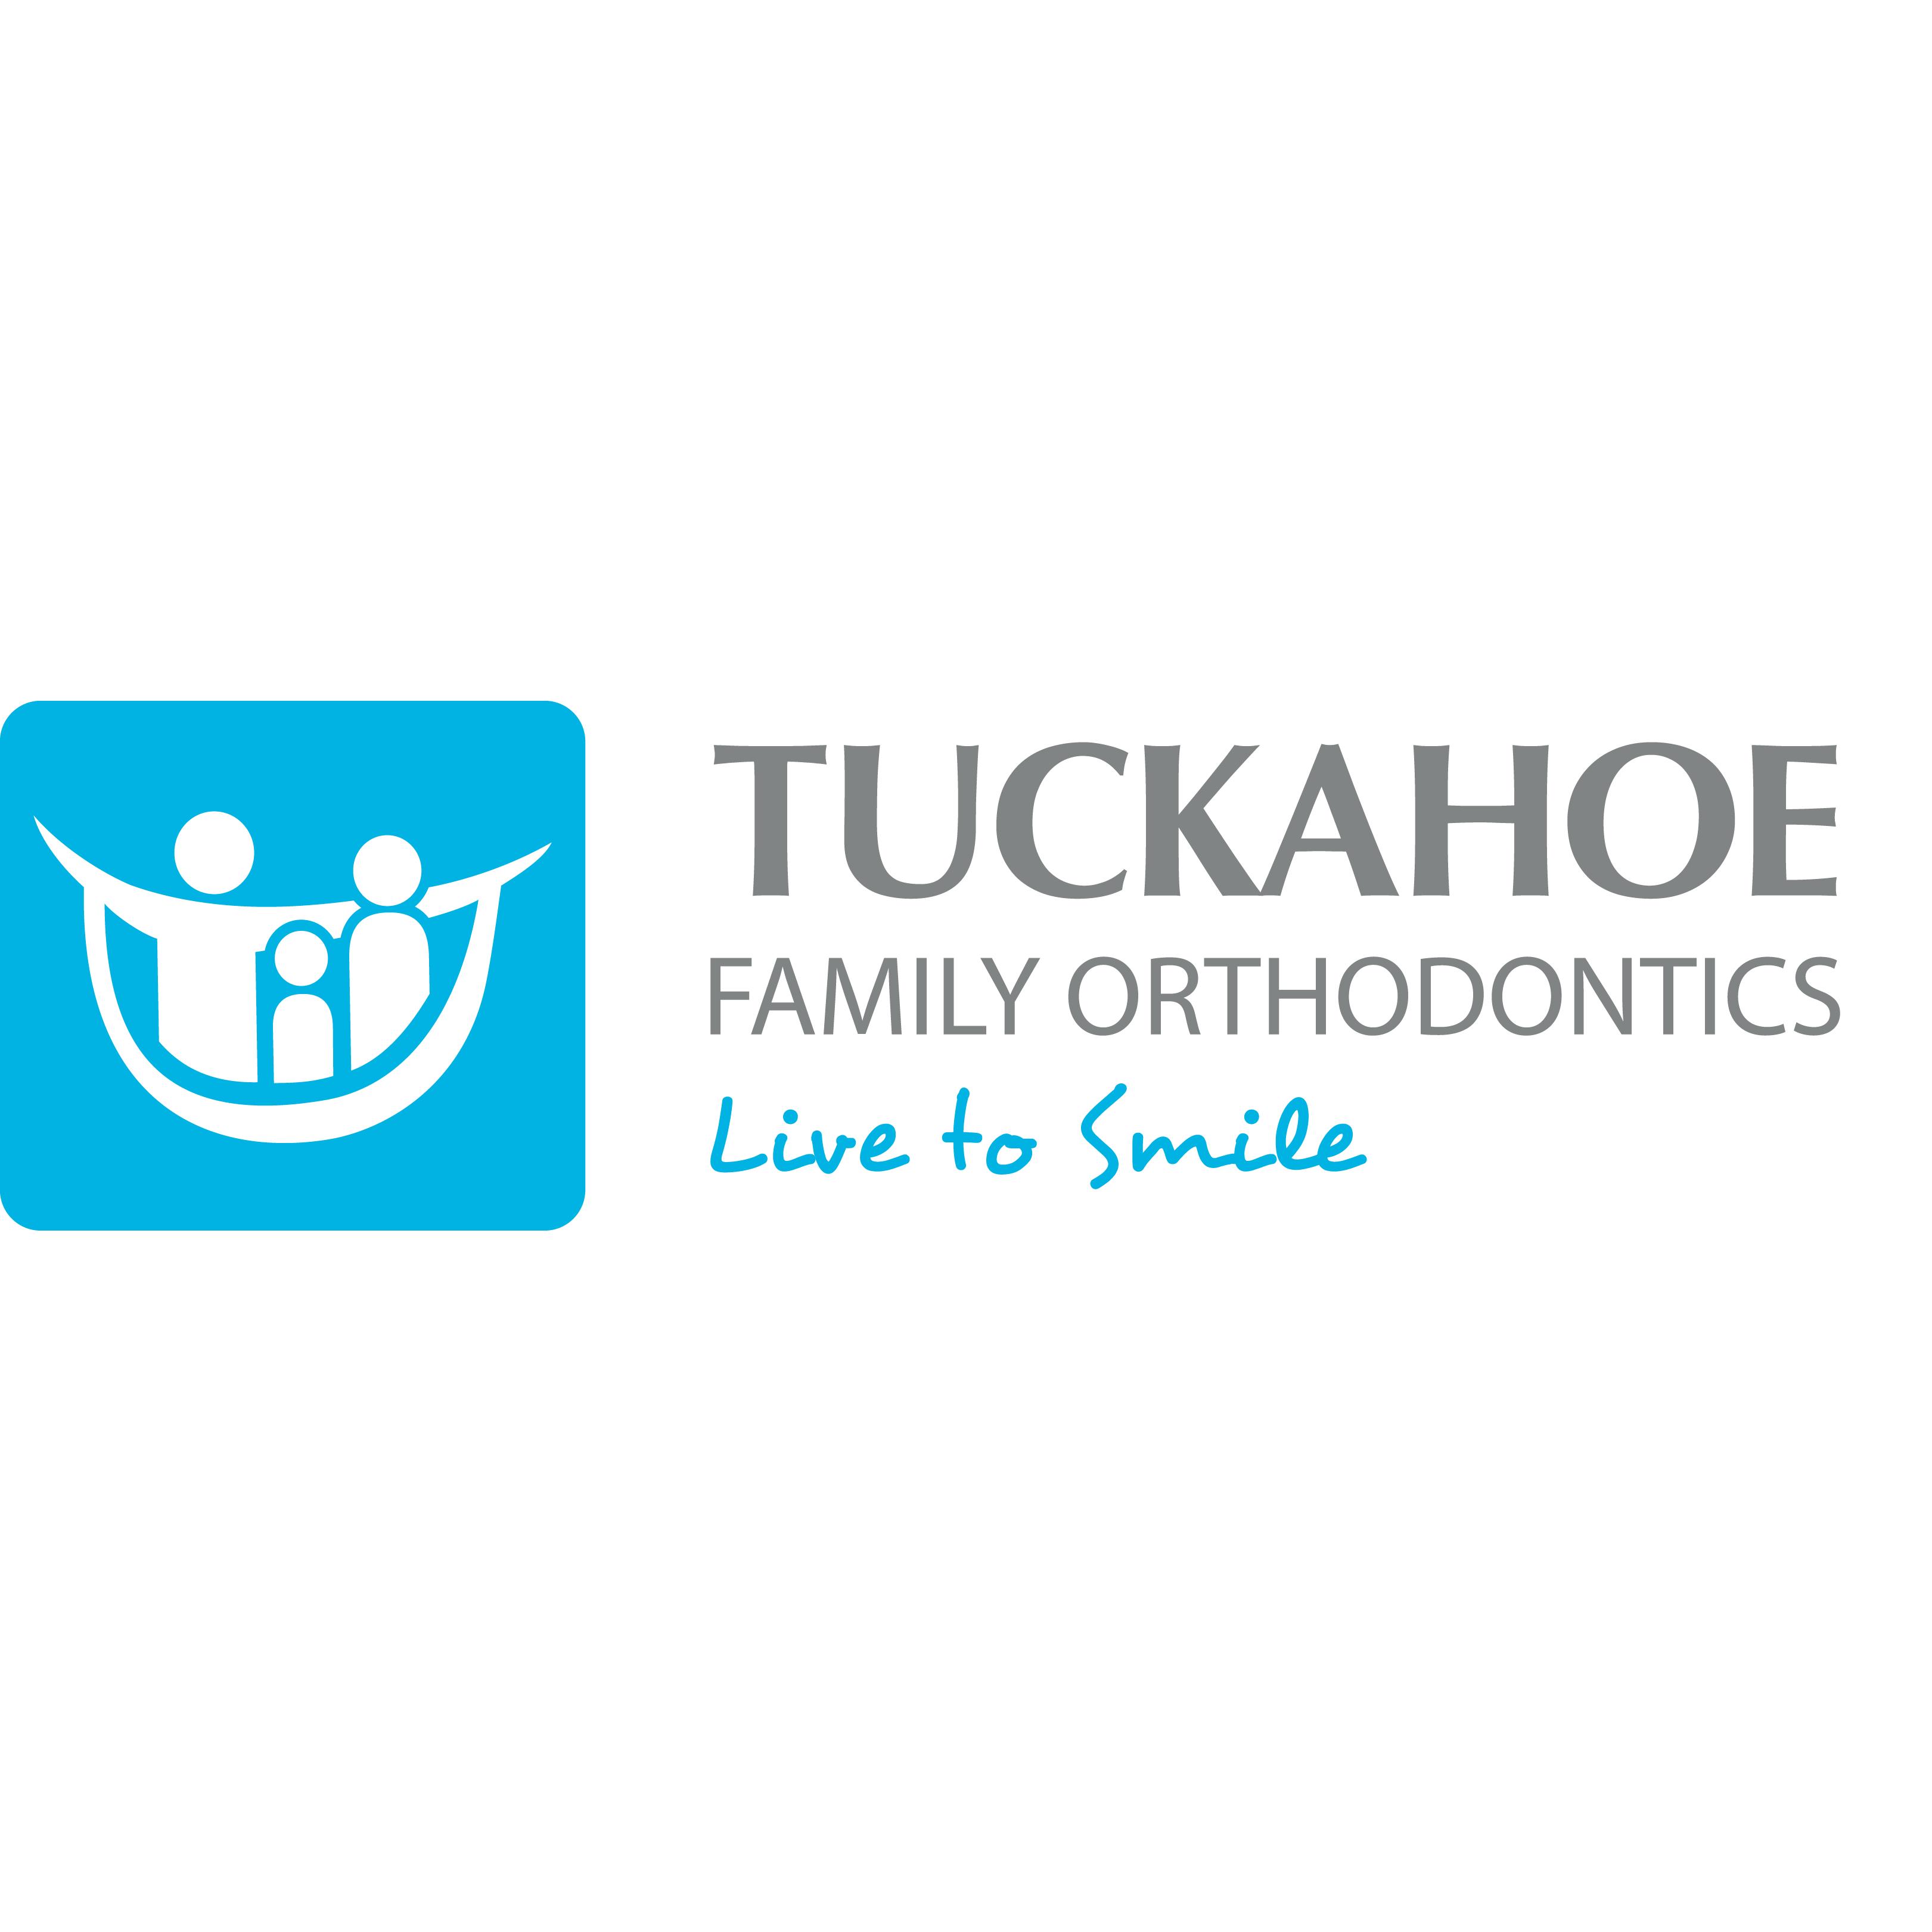 Tuckahoe Family Orthodontics